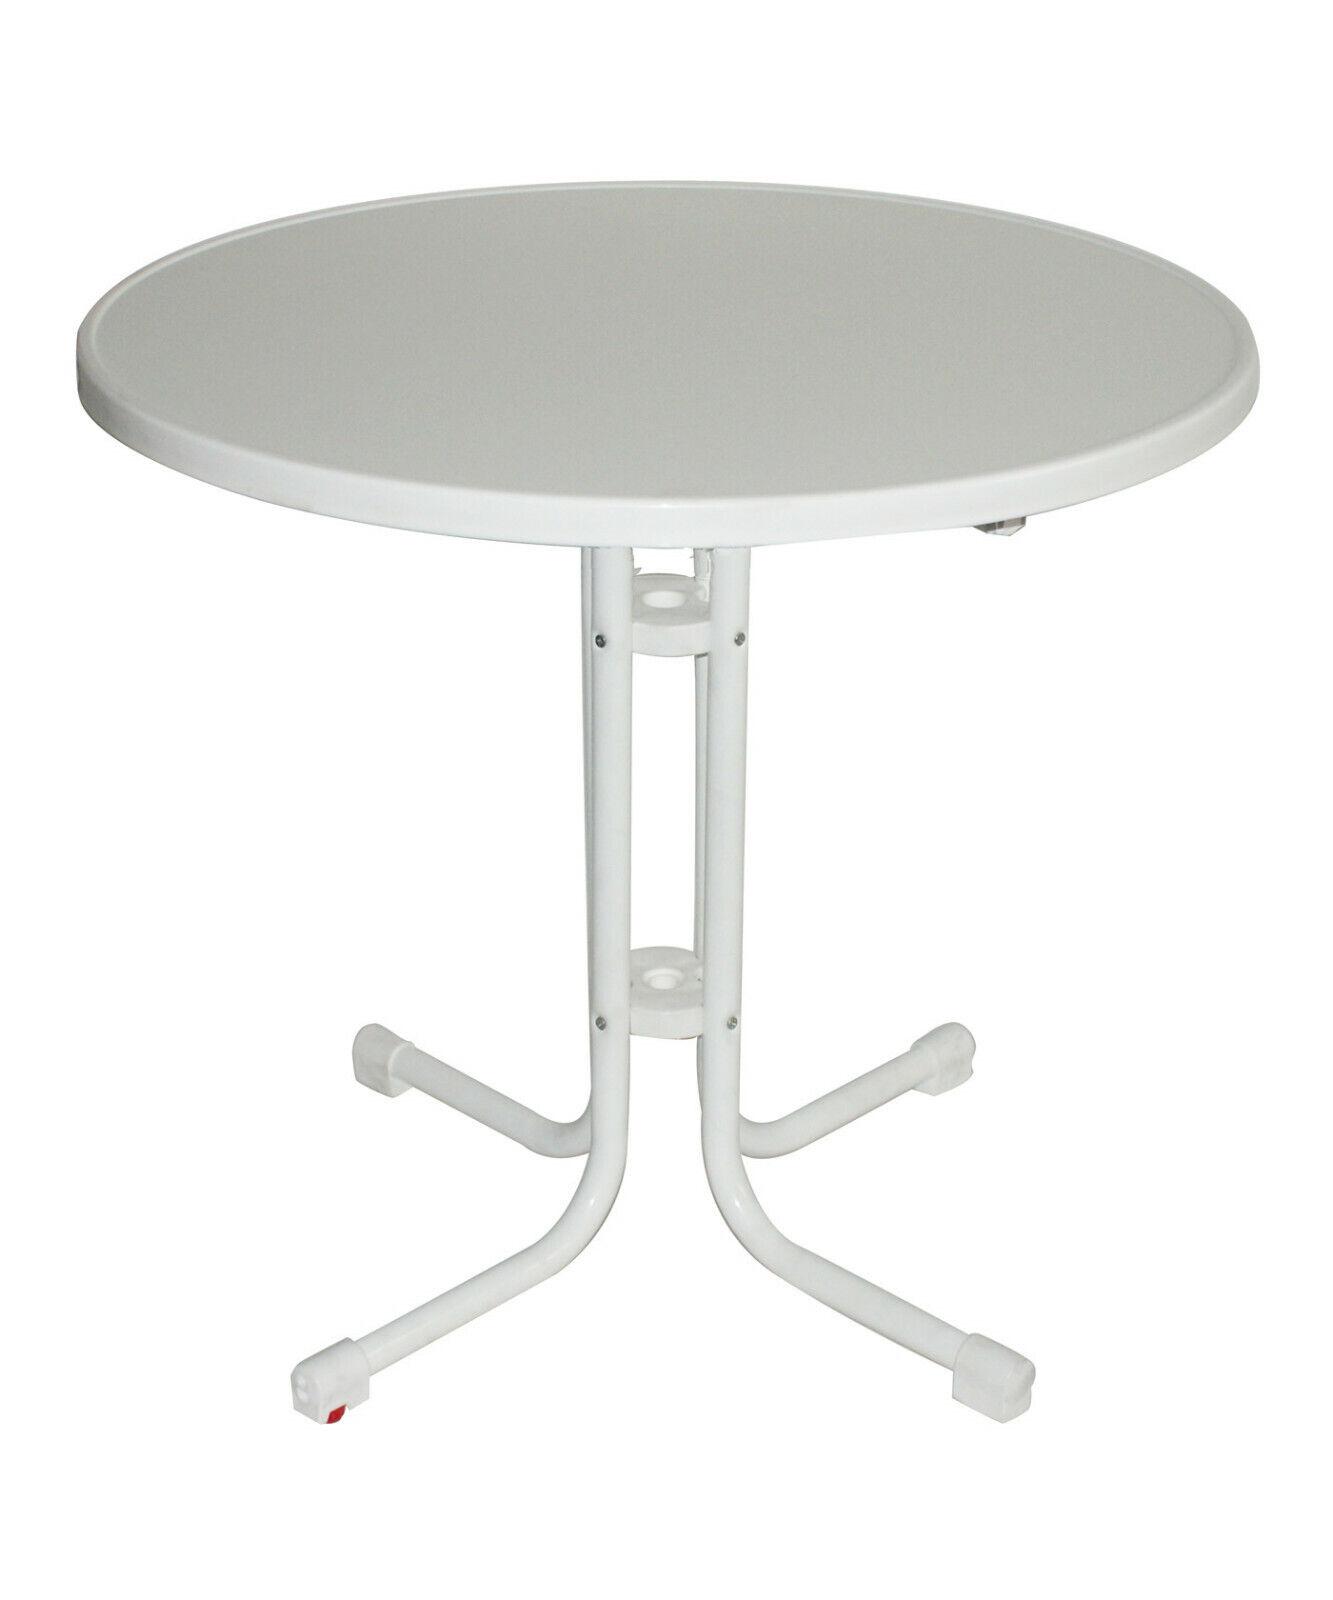 Bistrotisch/Terrassentisch/Gartentisch in D70cm oder D80cm, Weiß oder Anthrazit